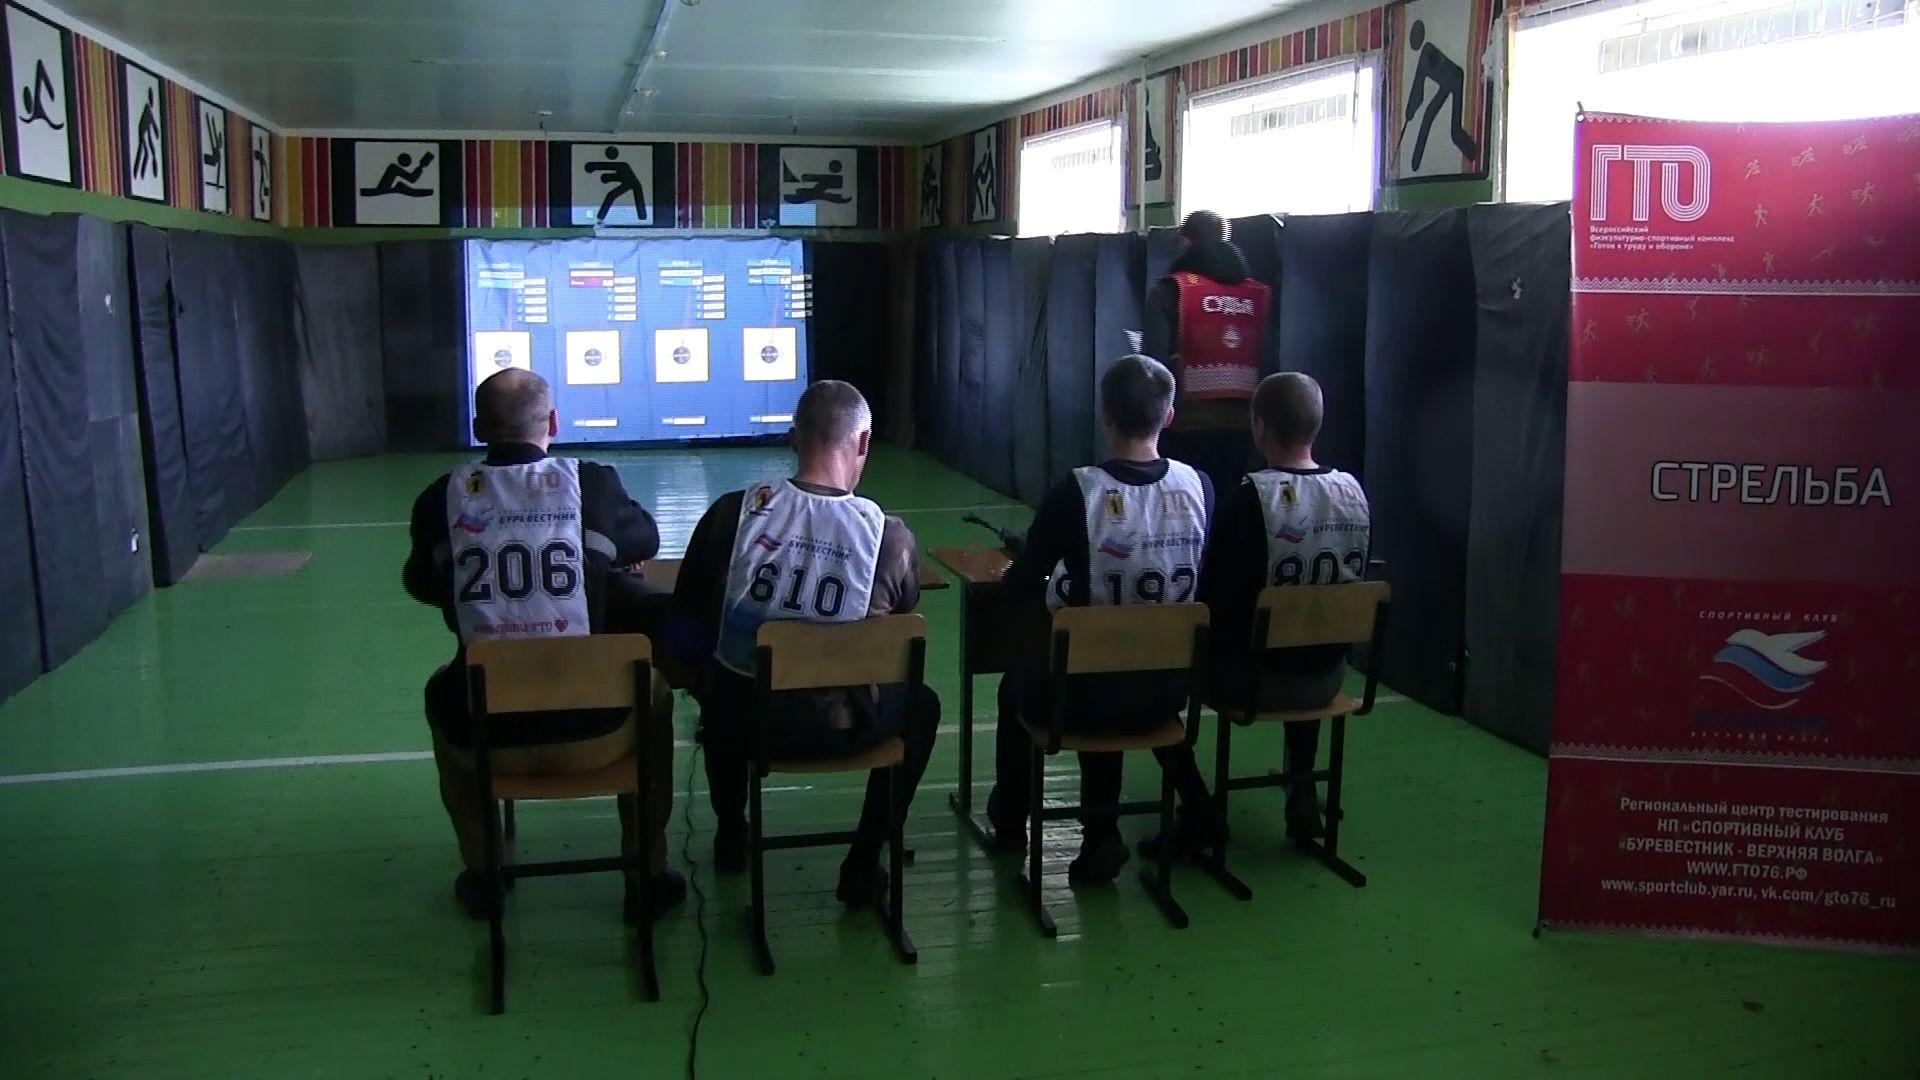 26 осужденных ИК-1 сдали нормативы ГТО